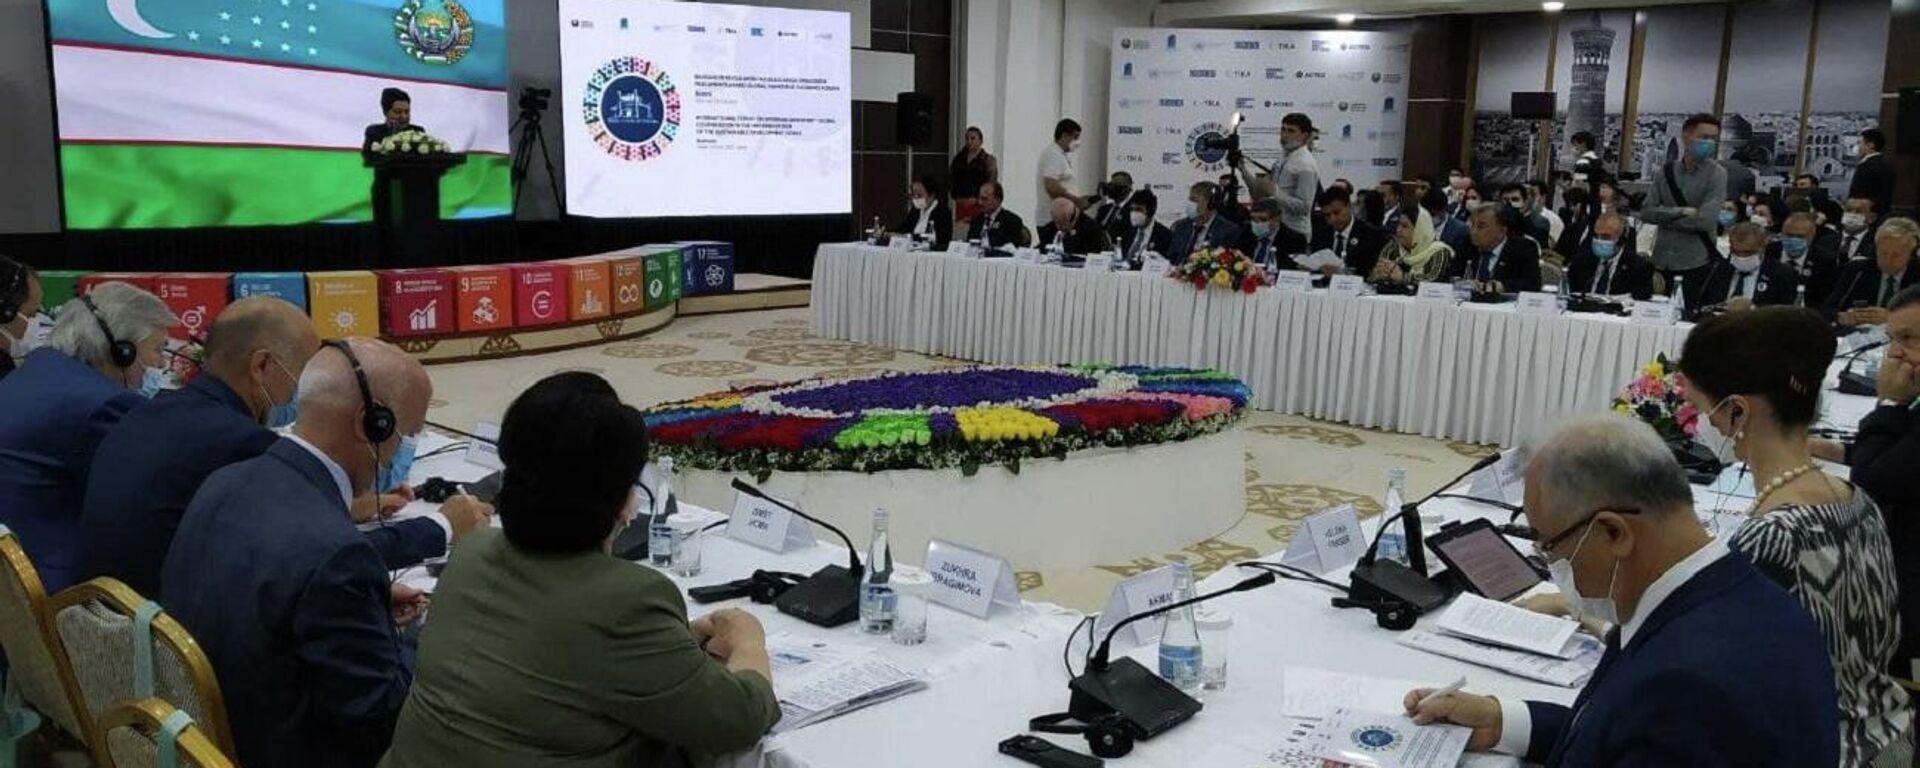 В Бухаре стартовал международный форум межпарламентского глобального сотрудничества в реализации целей устойчивого развития. - Sputnik Узбекистан, 1920, 24.06.2021